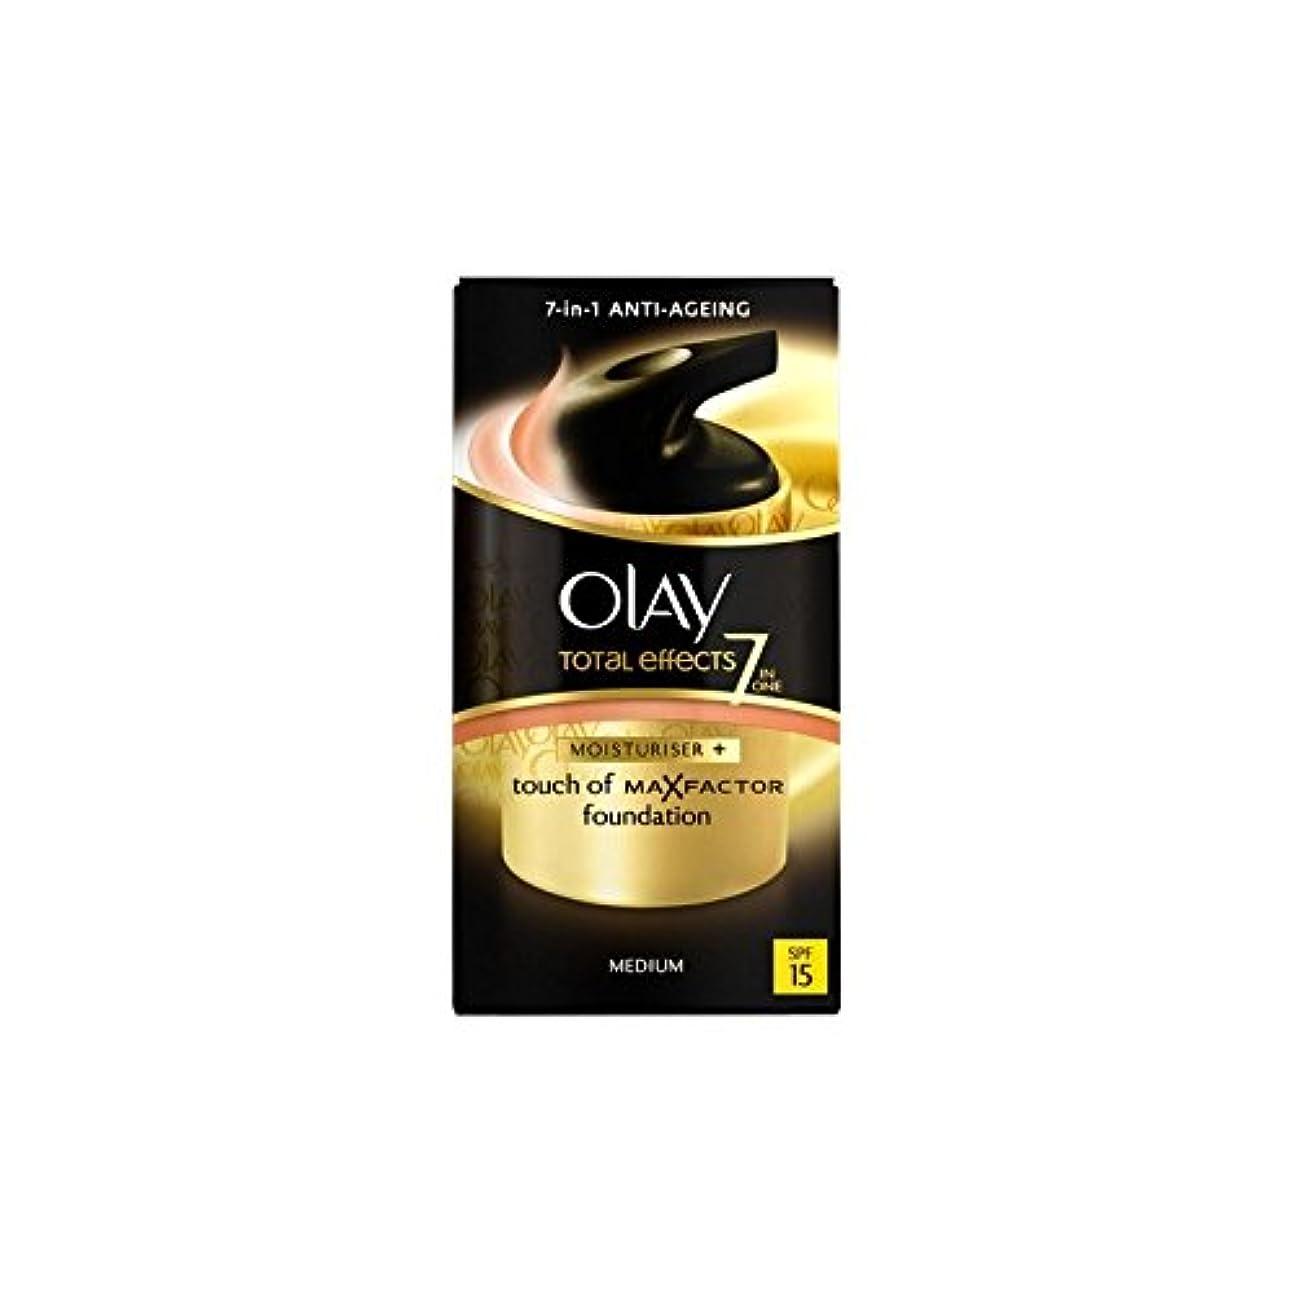 襲撃血出発オーレイトータルエフェクト保湿クリーム15 - 培地(50ミリリットル) x4 - Olay Total Effects Moisturiser Bb Cream Spf15 - Medium (50ml) (Pack...